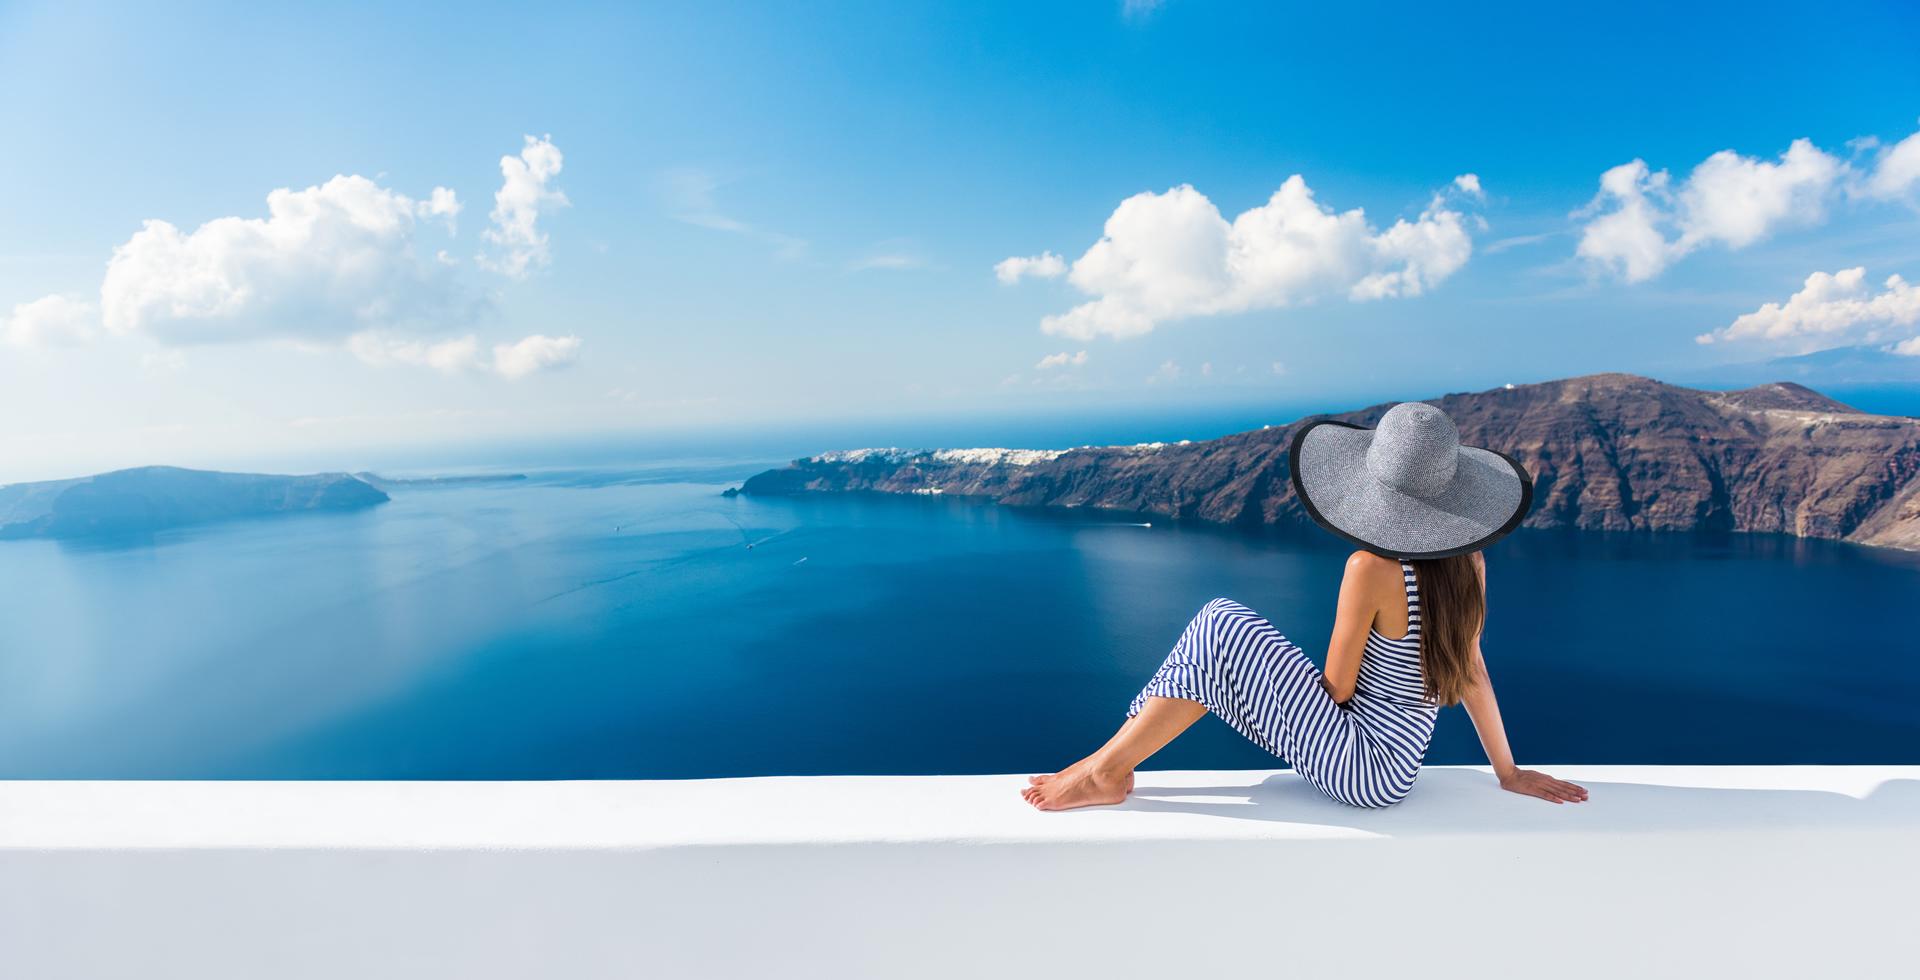 Ulysses Yachting - Luxury Lifestyle